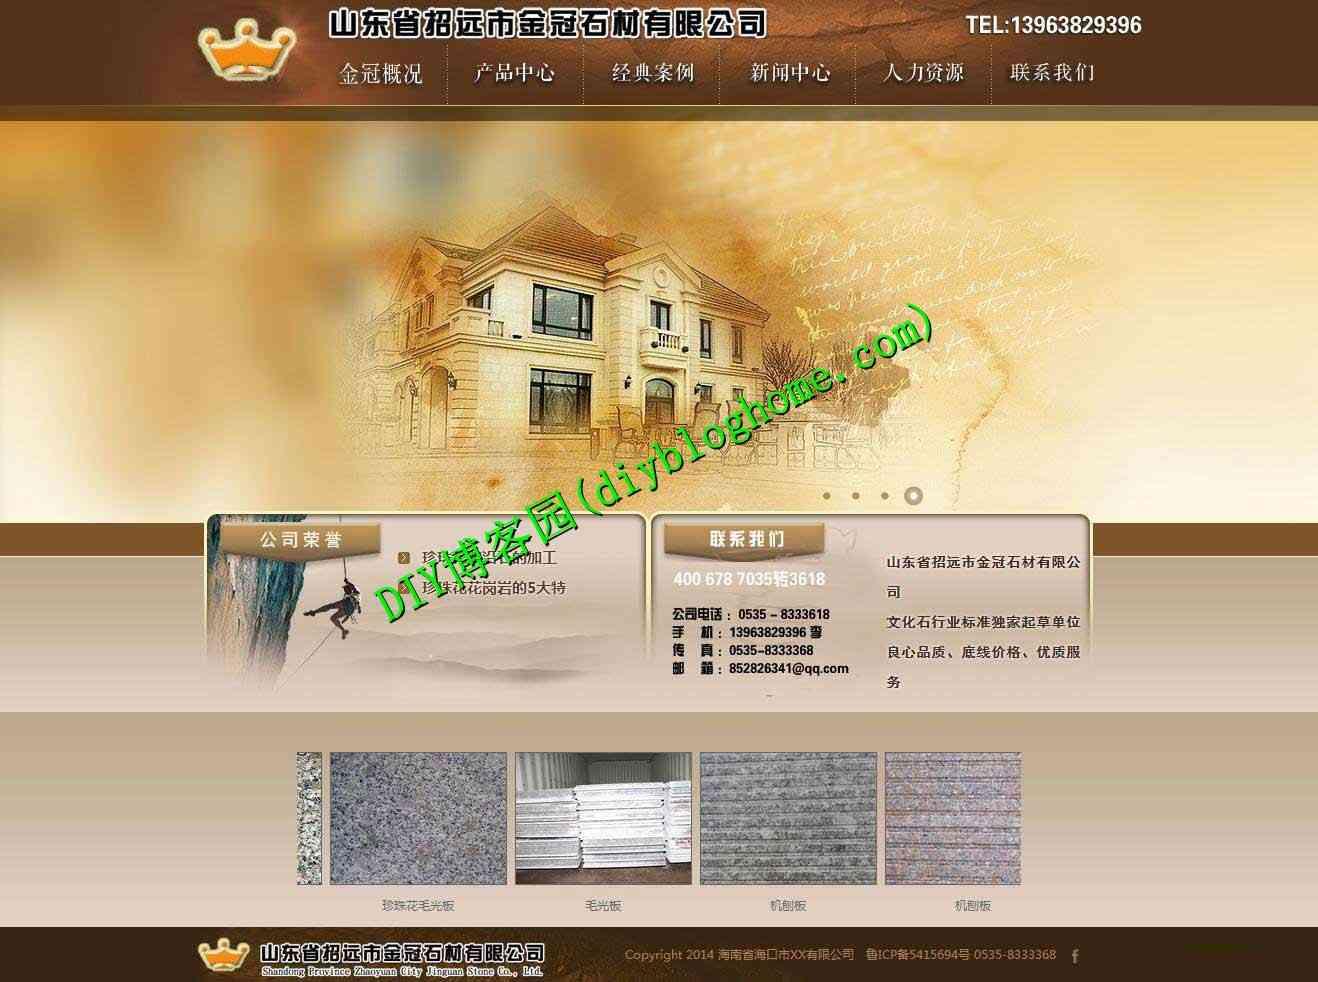 [织梦源码] 建筑石材建筑材料类企业公司织梦CMS整站源码